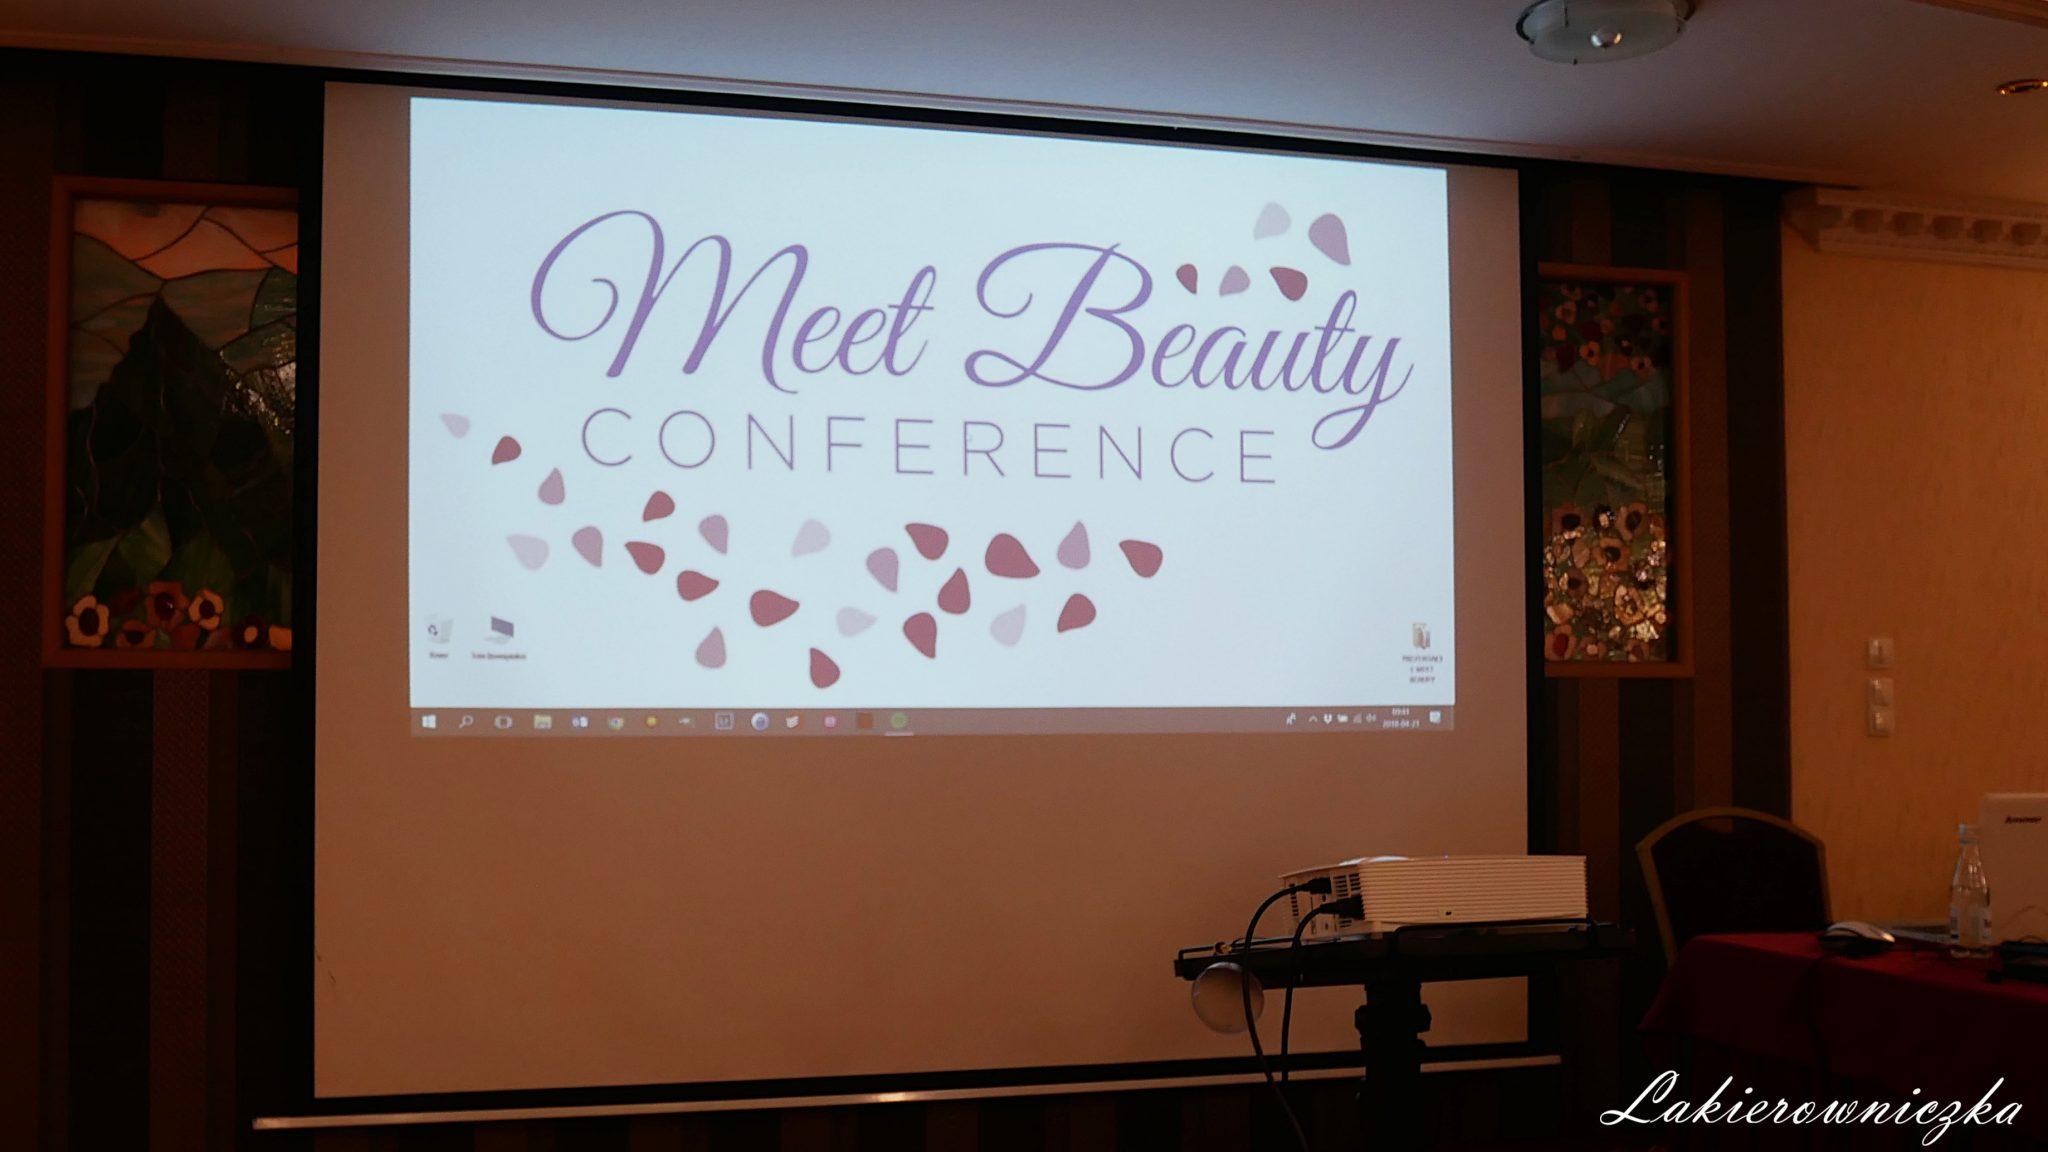 konferencja-meet-beauty-2018-relacja-Candymona-Lakierowniczka-kategoria-paznokcie